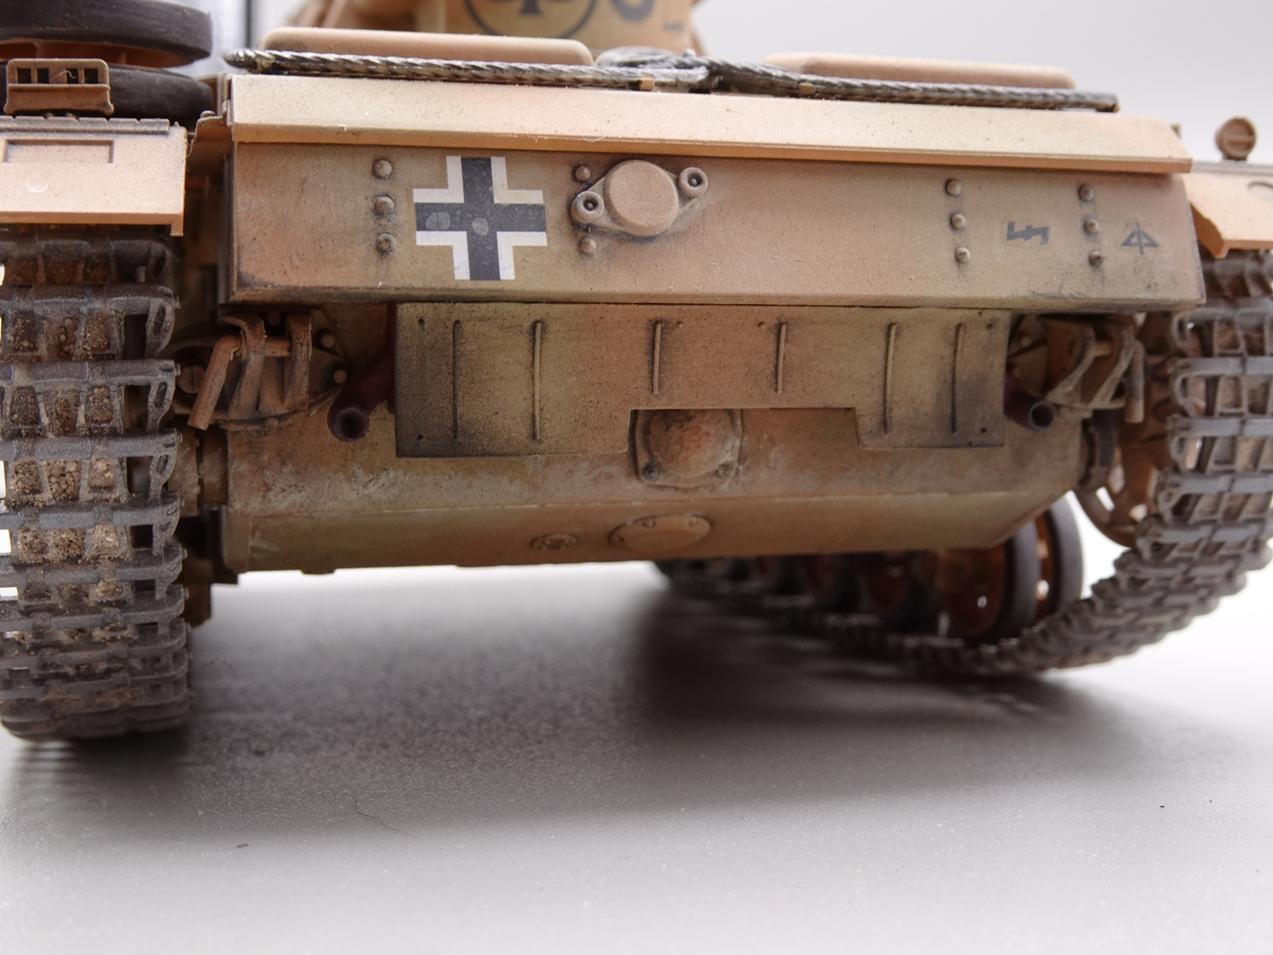 [Tamiya 1/35] Pz III Ausf.N (Sd.Kfz.141/2) réf. 35290 - Page 2 PZIII-fini-6